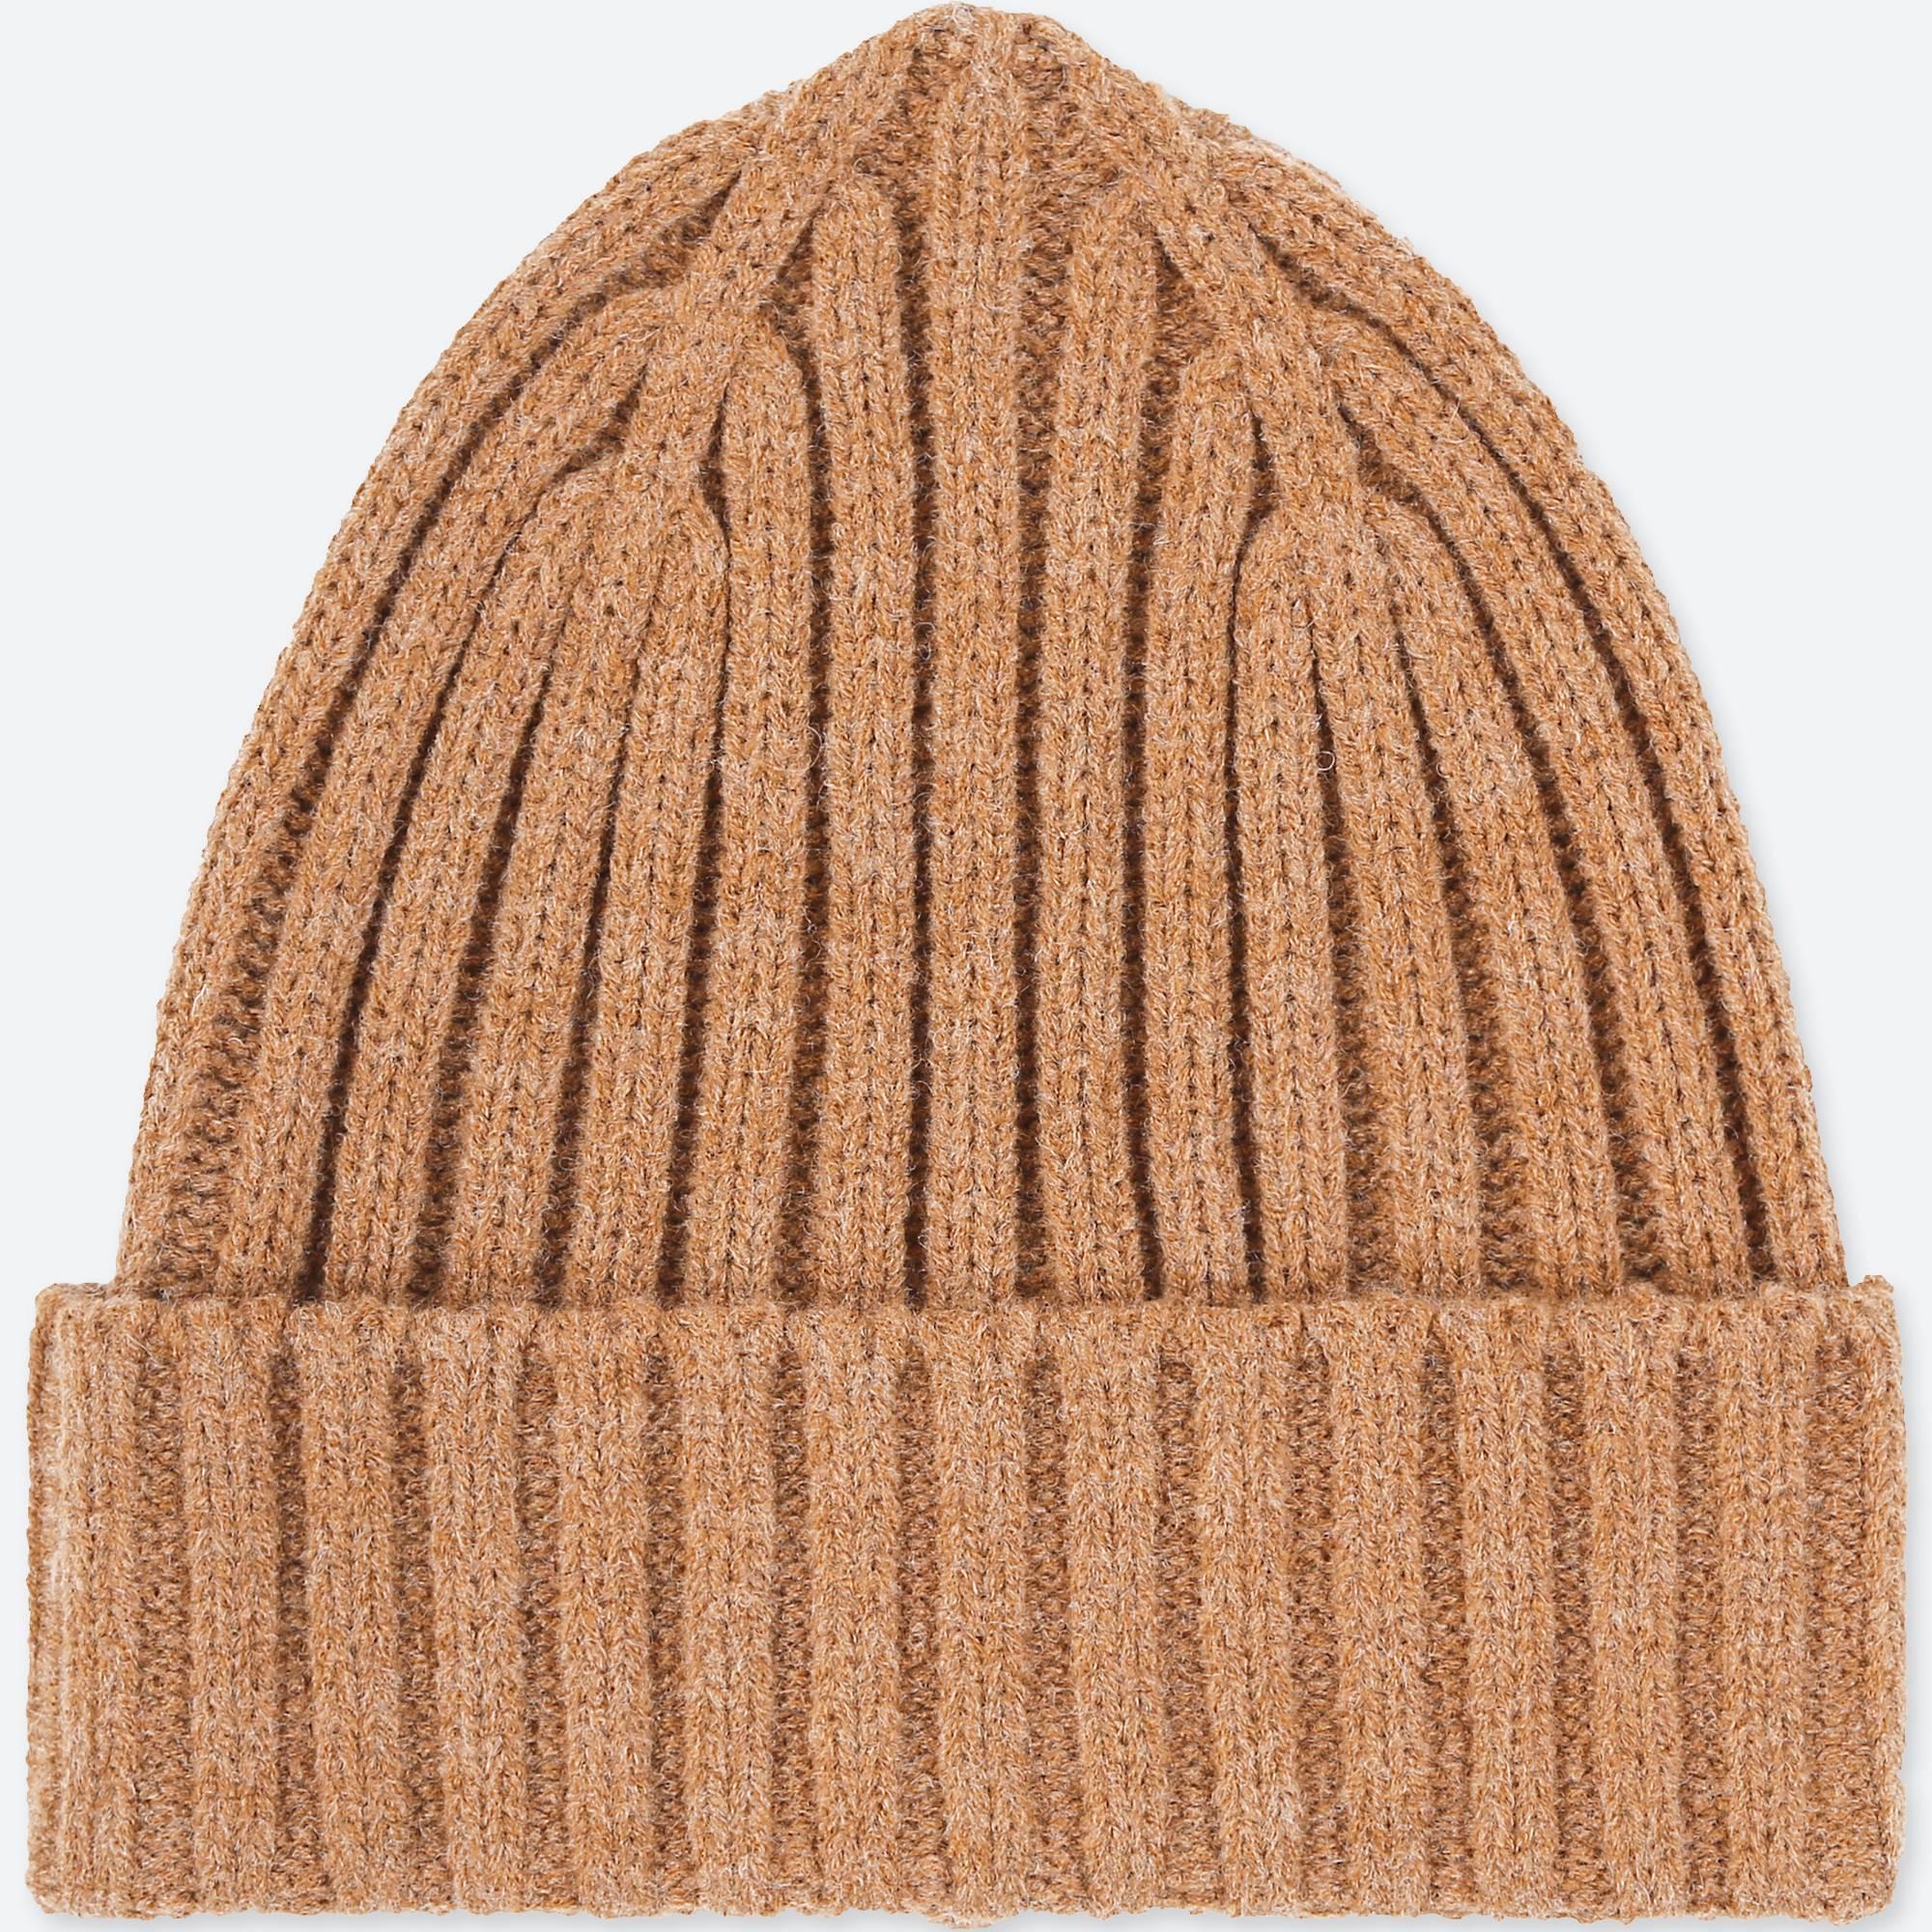 8145d284eefe4 HEATTECH KNITTED CAP